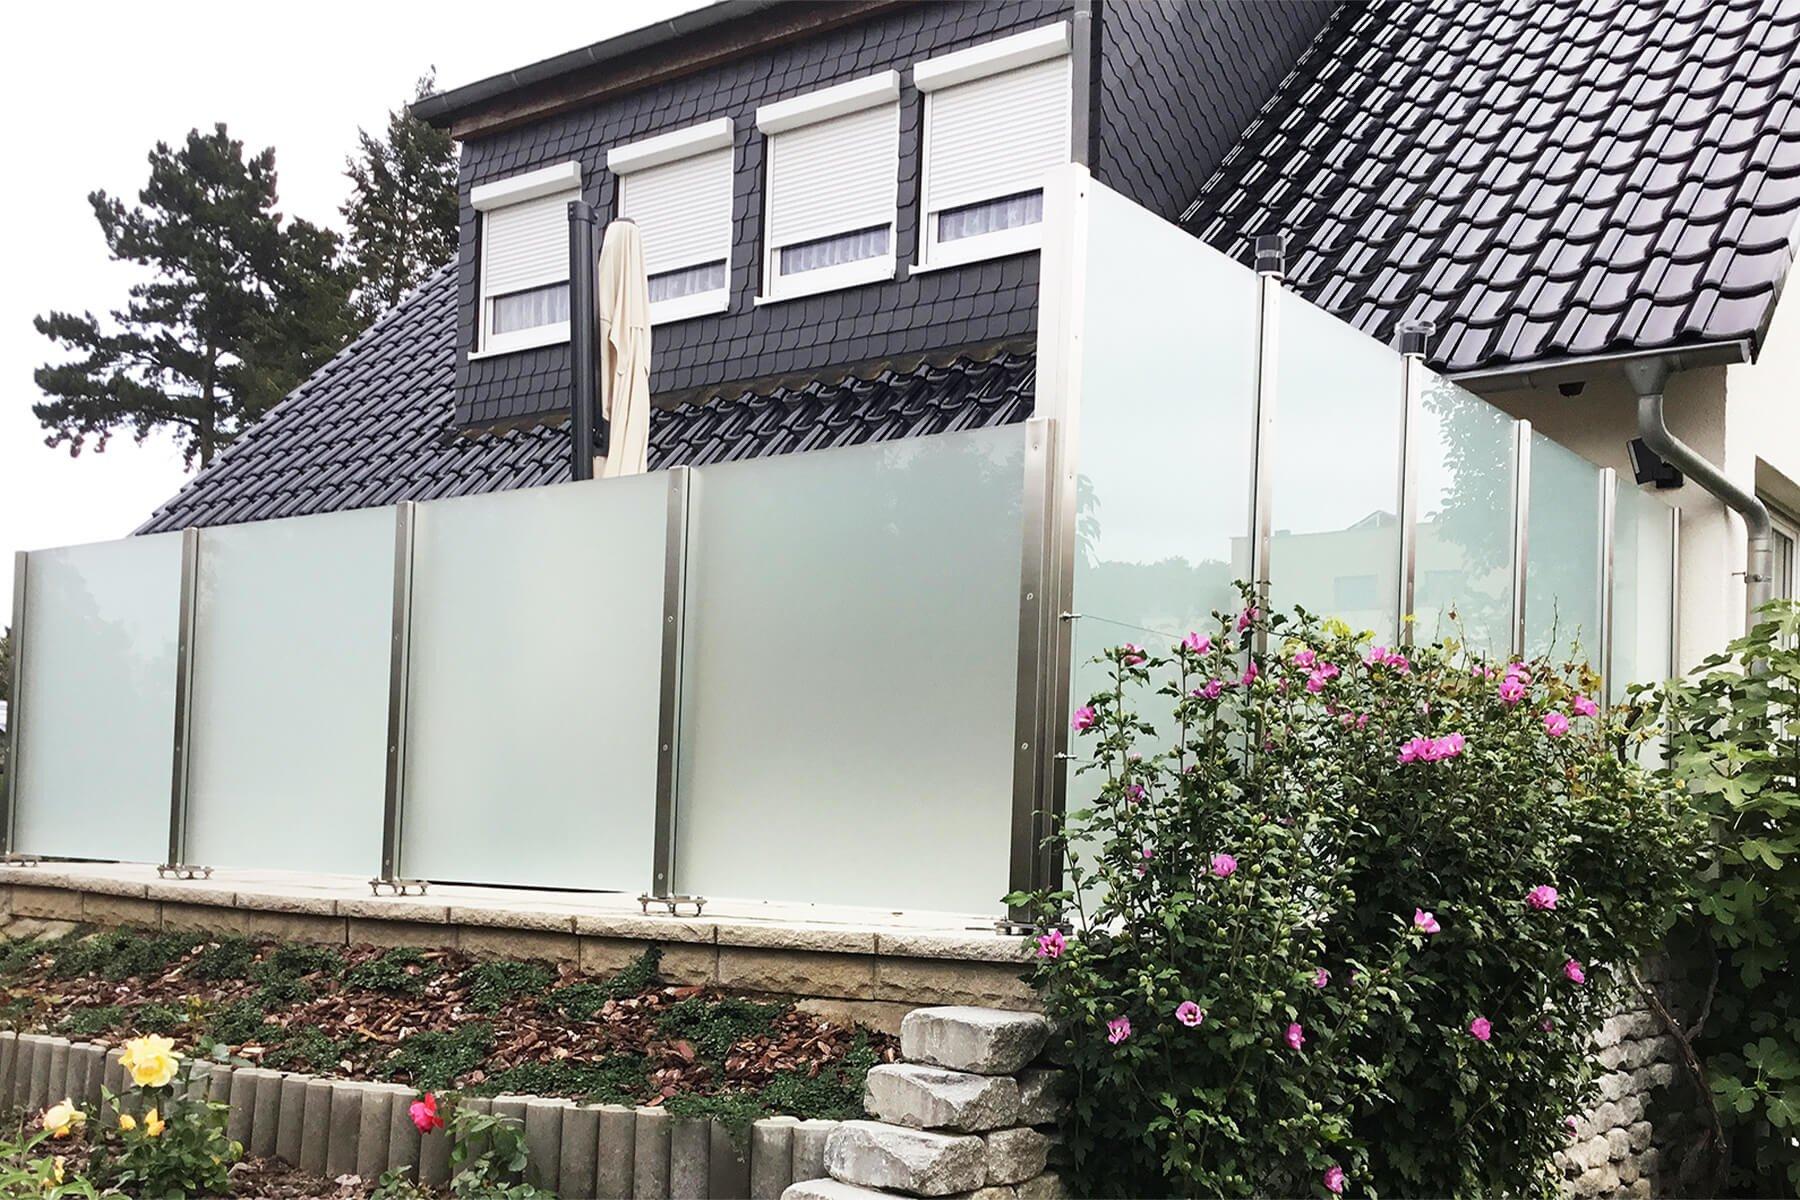 Moderner blickdichter Glaszaun als Wind- und Sichtschutz für den Garten oder Terasse auch geeignet für Untergründe mit Gefälle